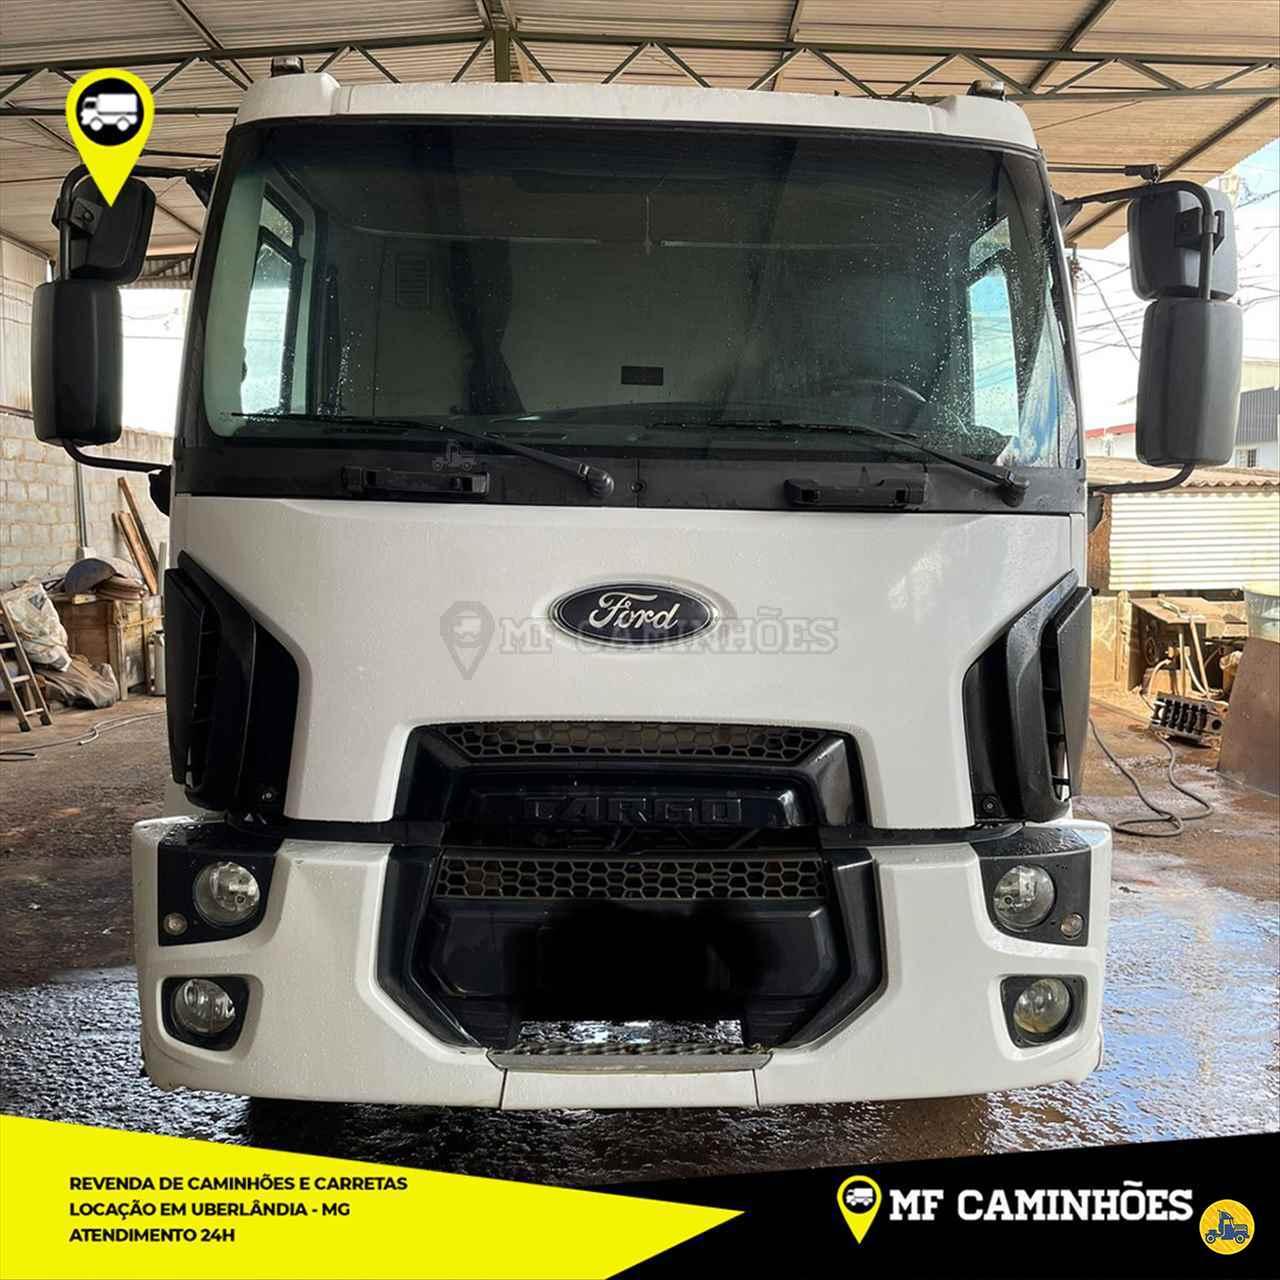 CAMINHAO FORD CARGO 2429 Chassis Toco 4x4 MF Caminhões UBERLANDIA MINAS GERAIS MG